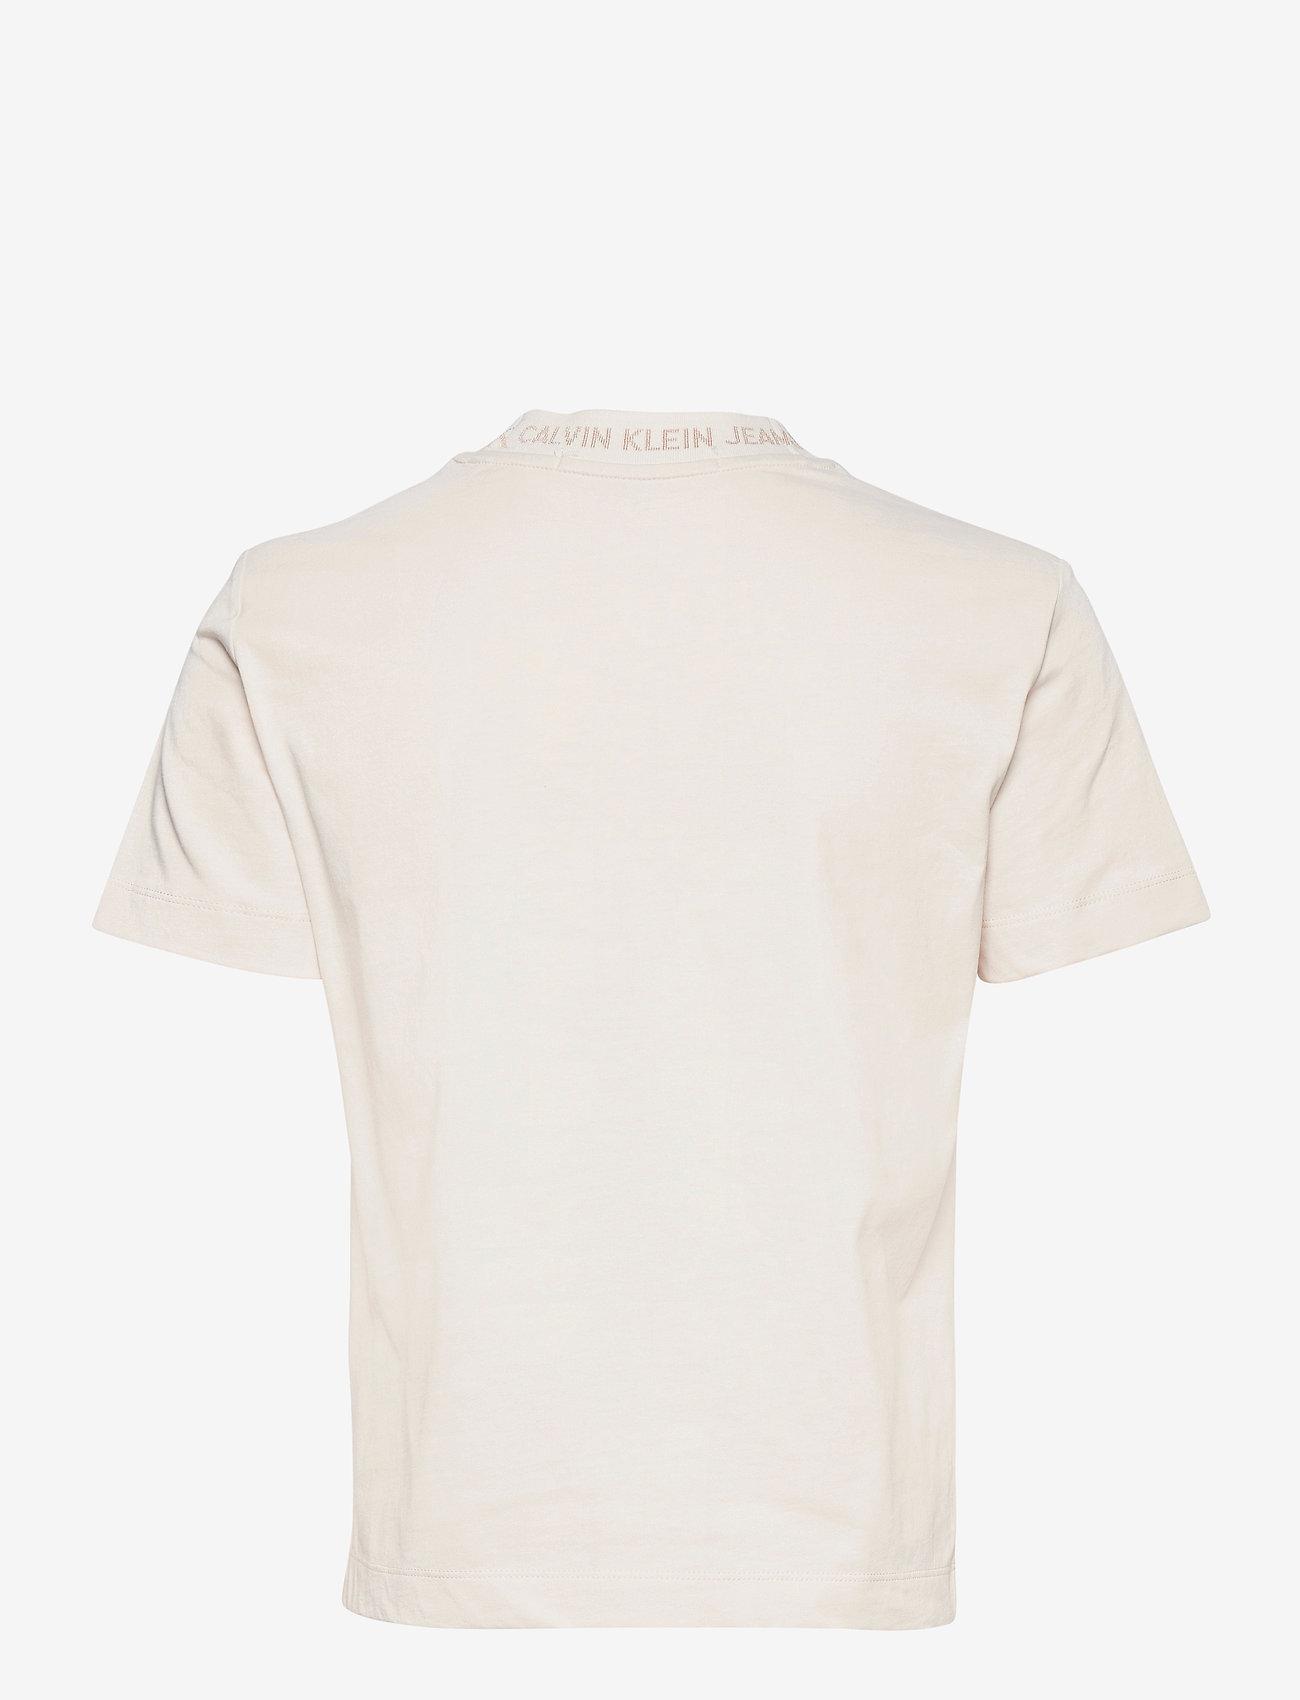 Calvin Klein Jeans - LOGO INTARSIA TEE - t-shirts - white sand - 1